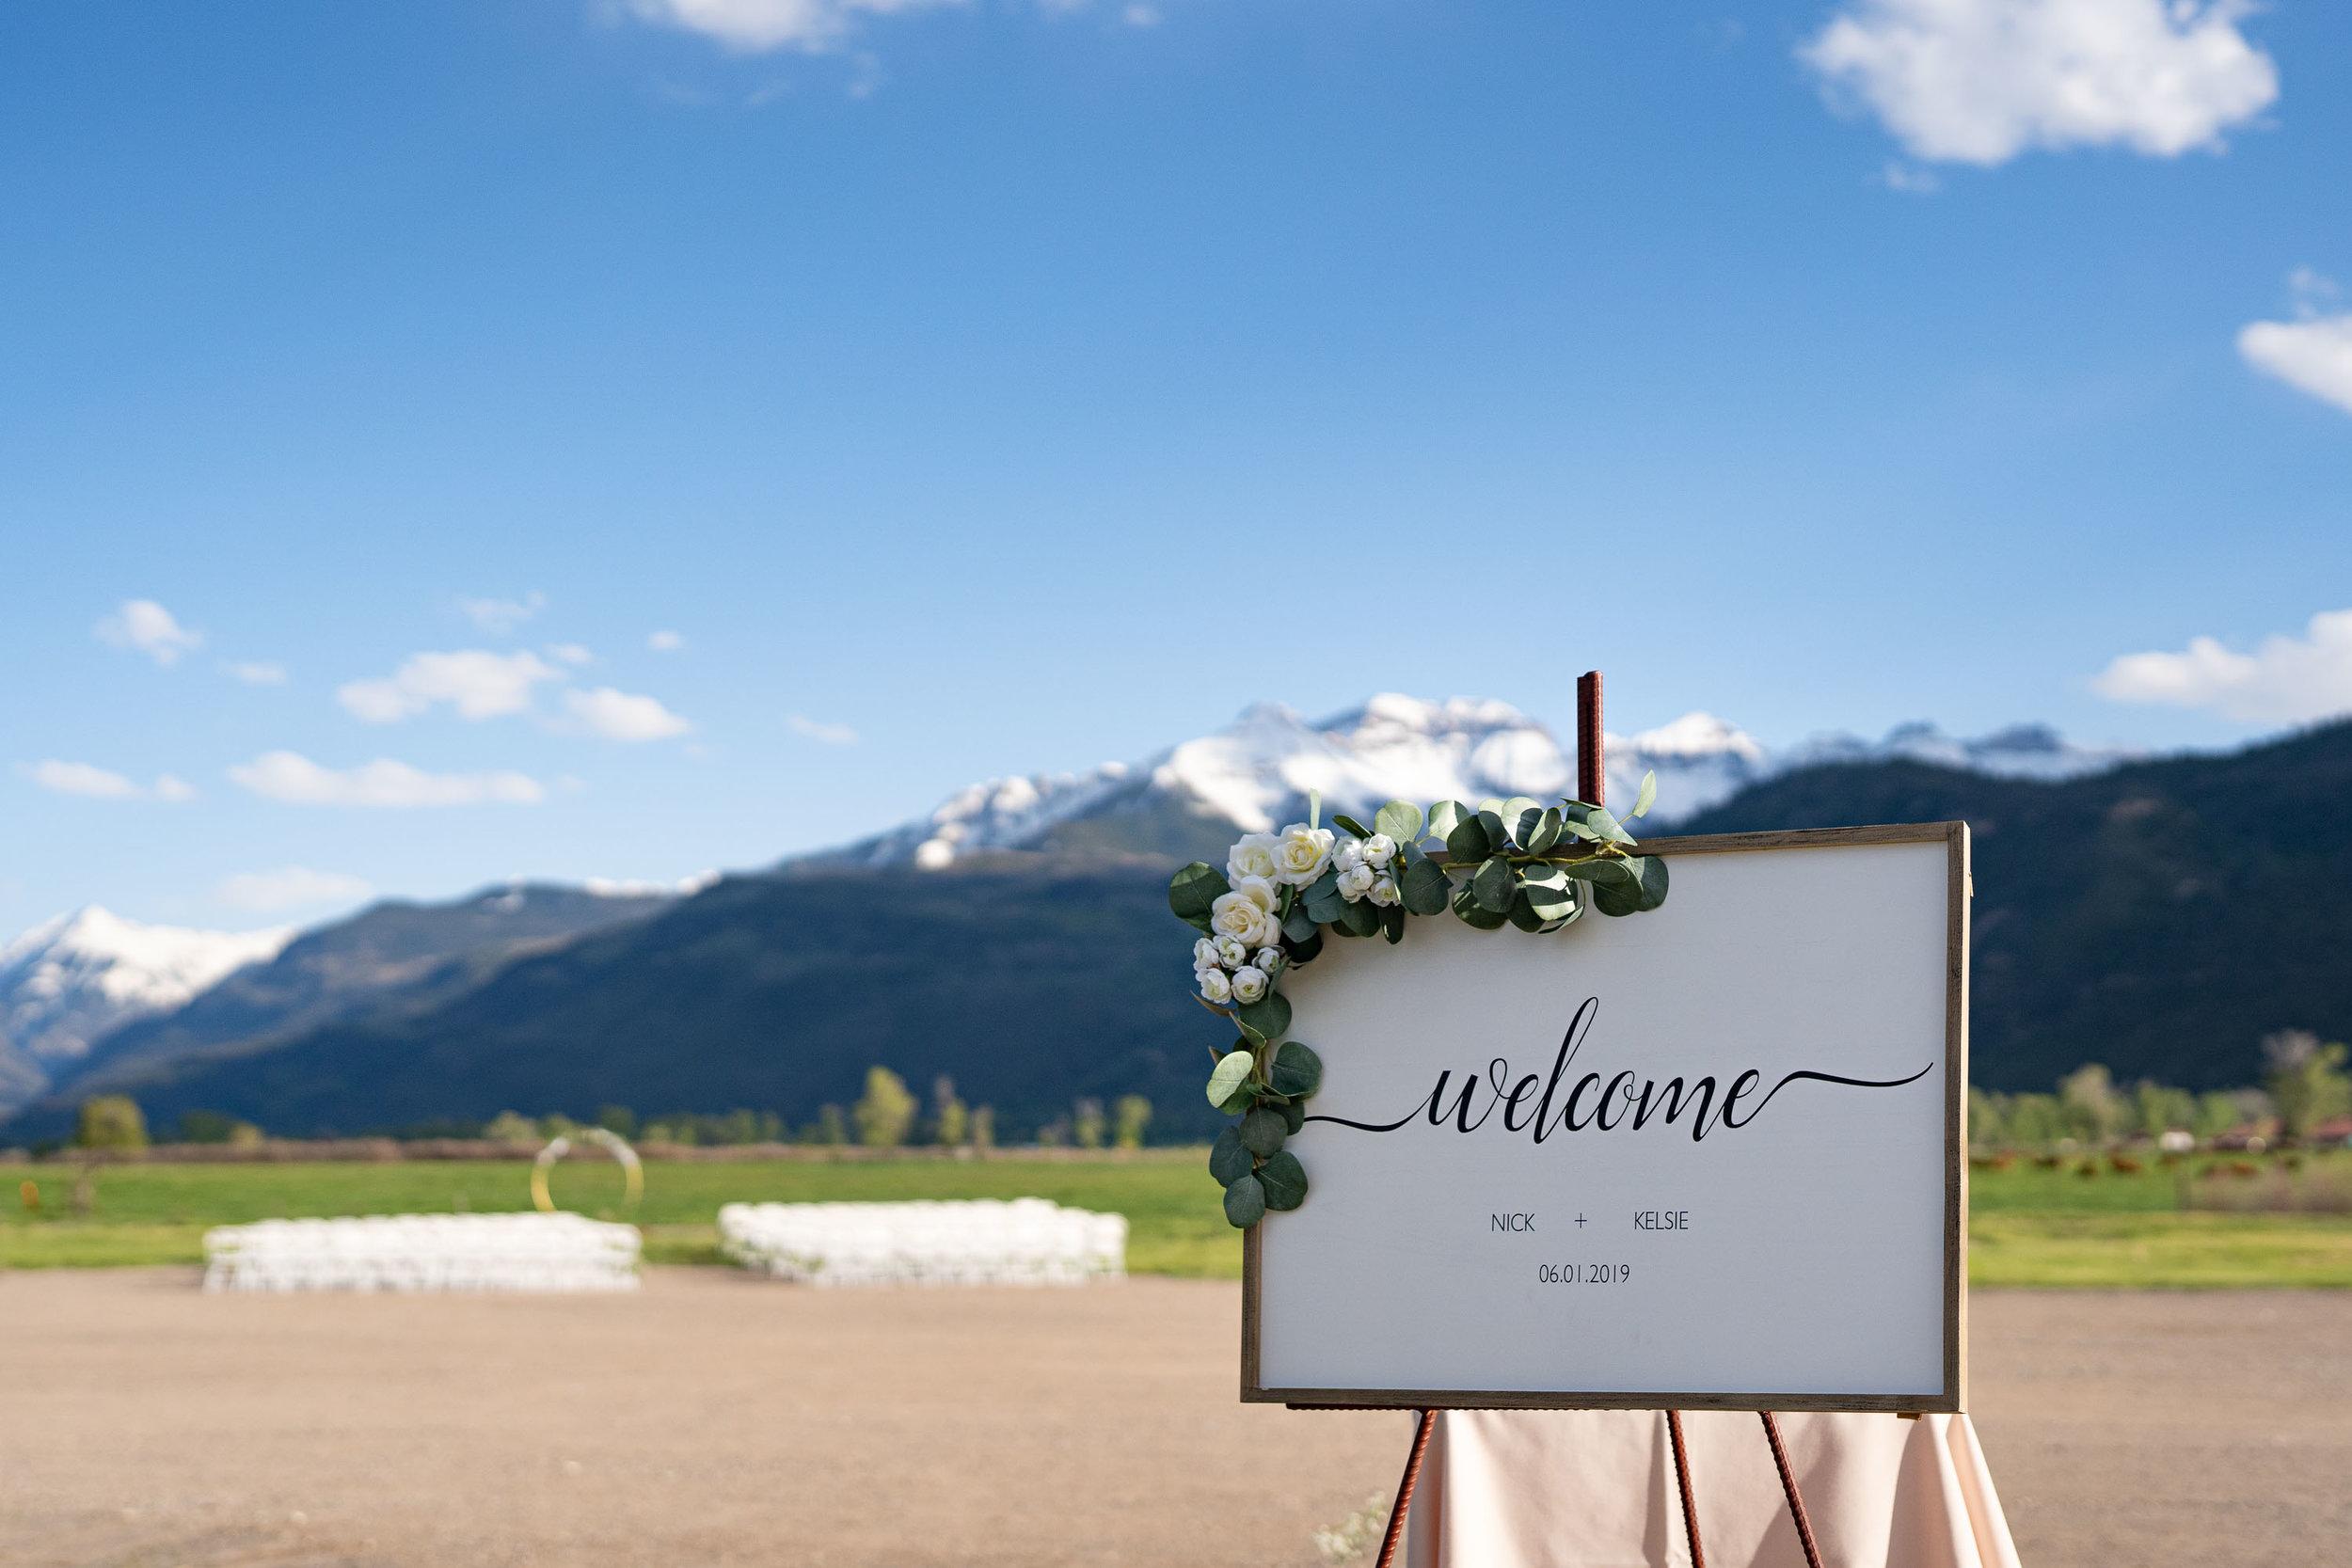 Kelsie_Nick_Ouray_Wedding-265.jpg